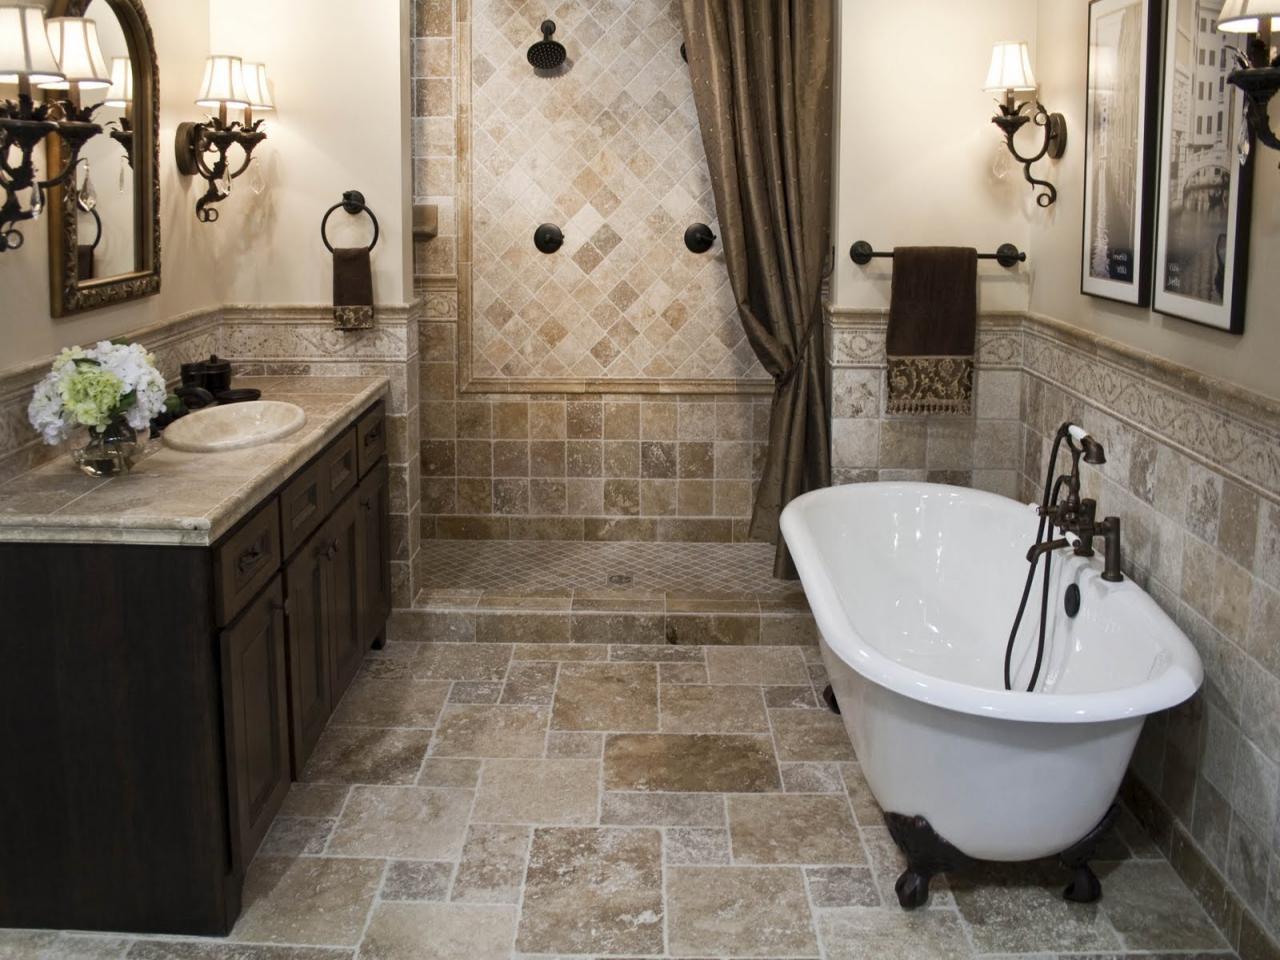 Фото переодевания в ванной 25 фотография